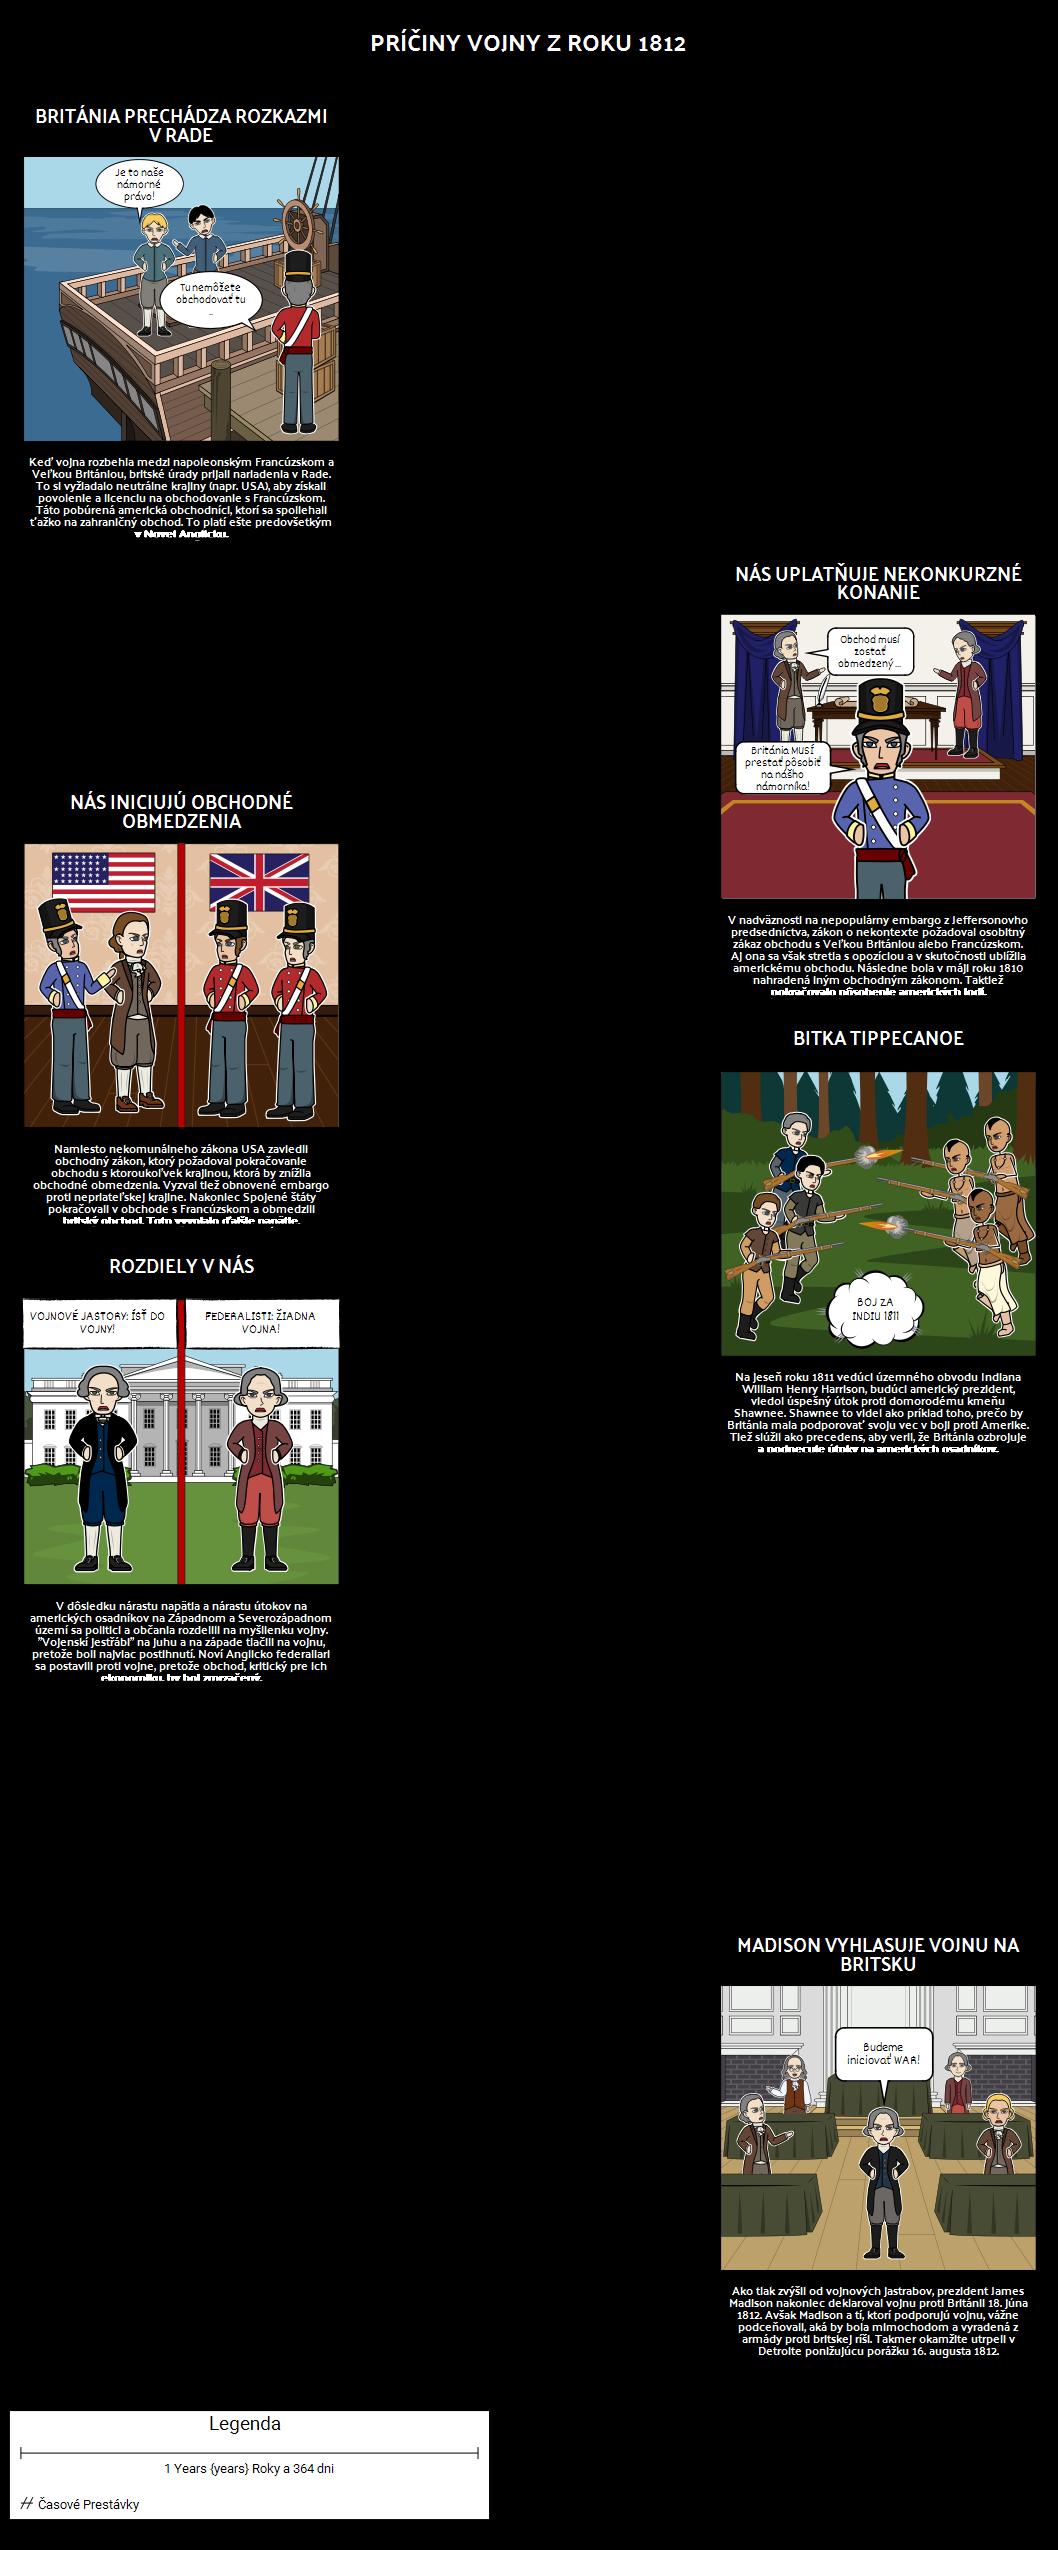 Vojna z roku 1812 - príčiny vojny z roku 1812 Timeline